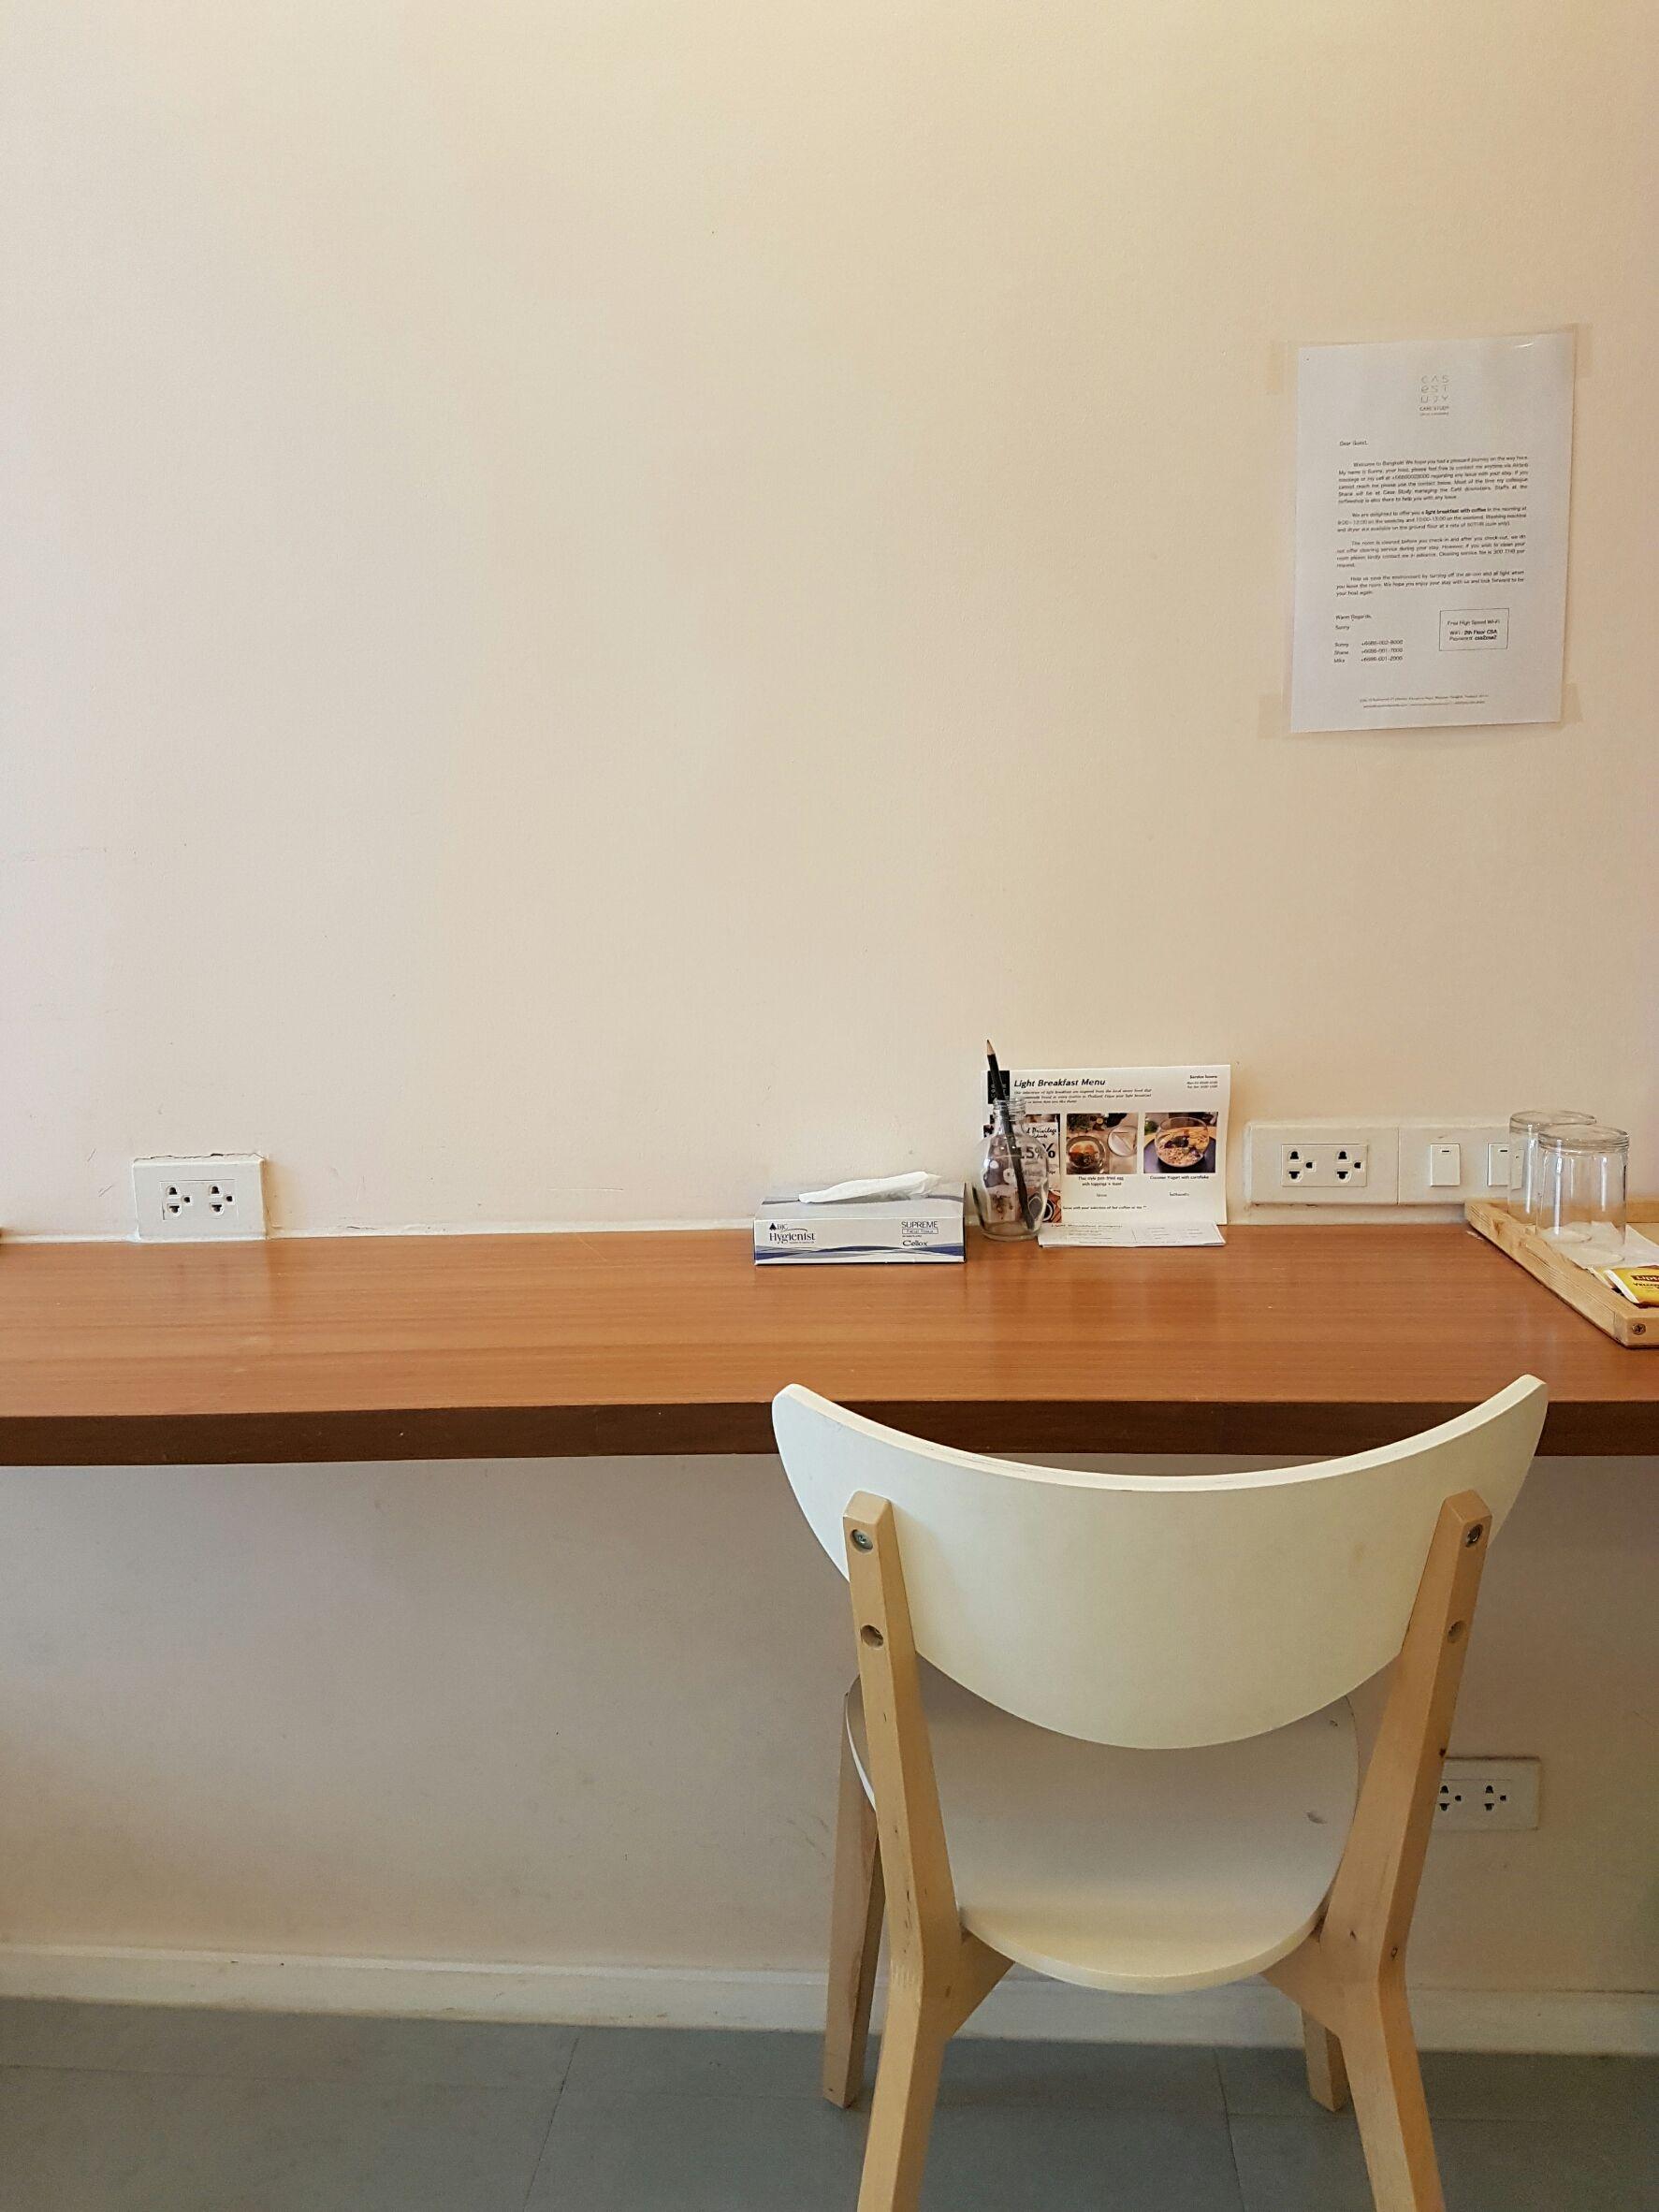 Case Study Room